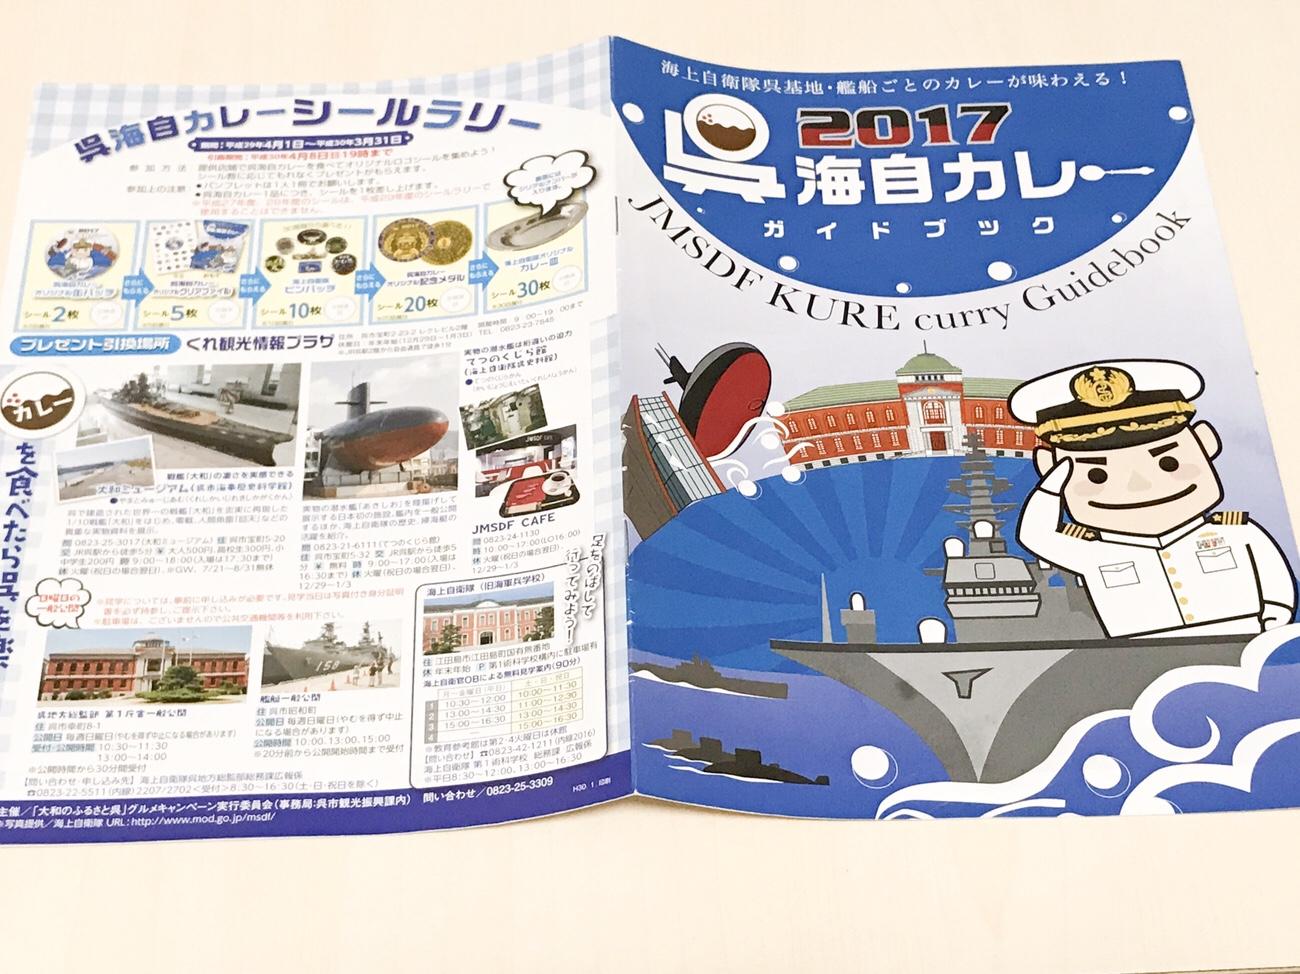 呉海自カレー店舗が掲載されているガイドブック